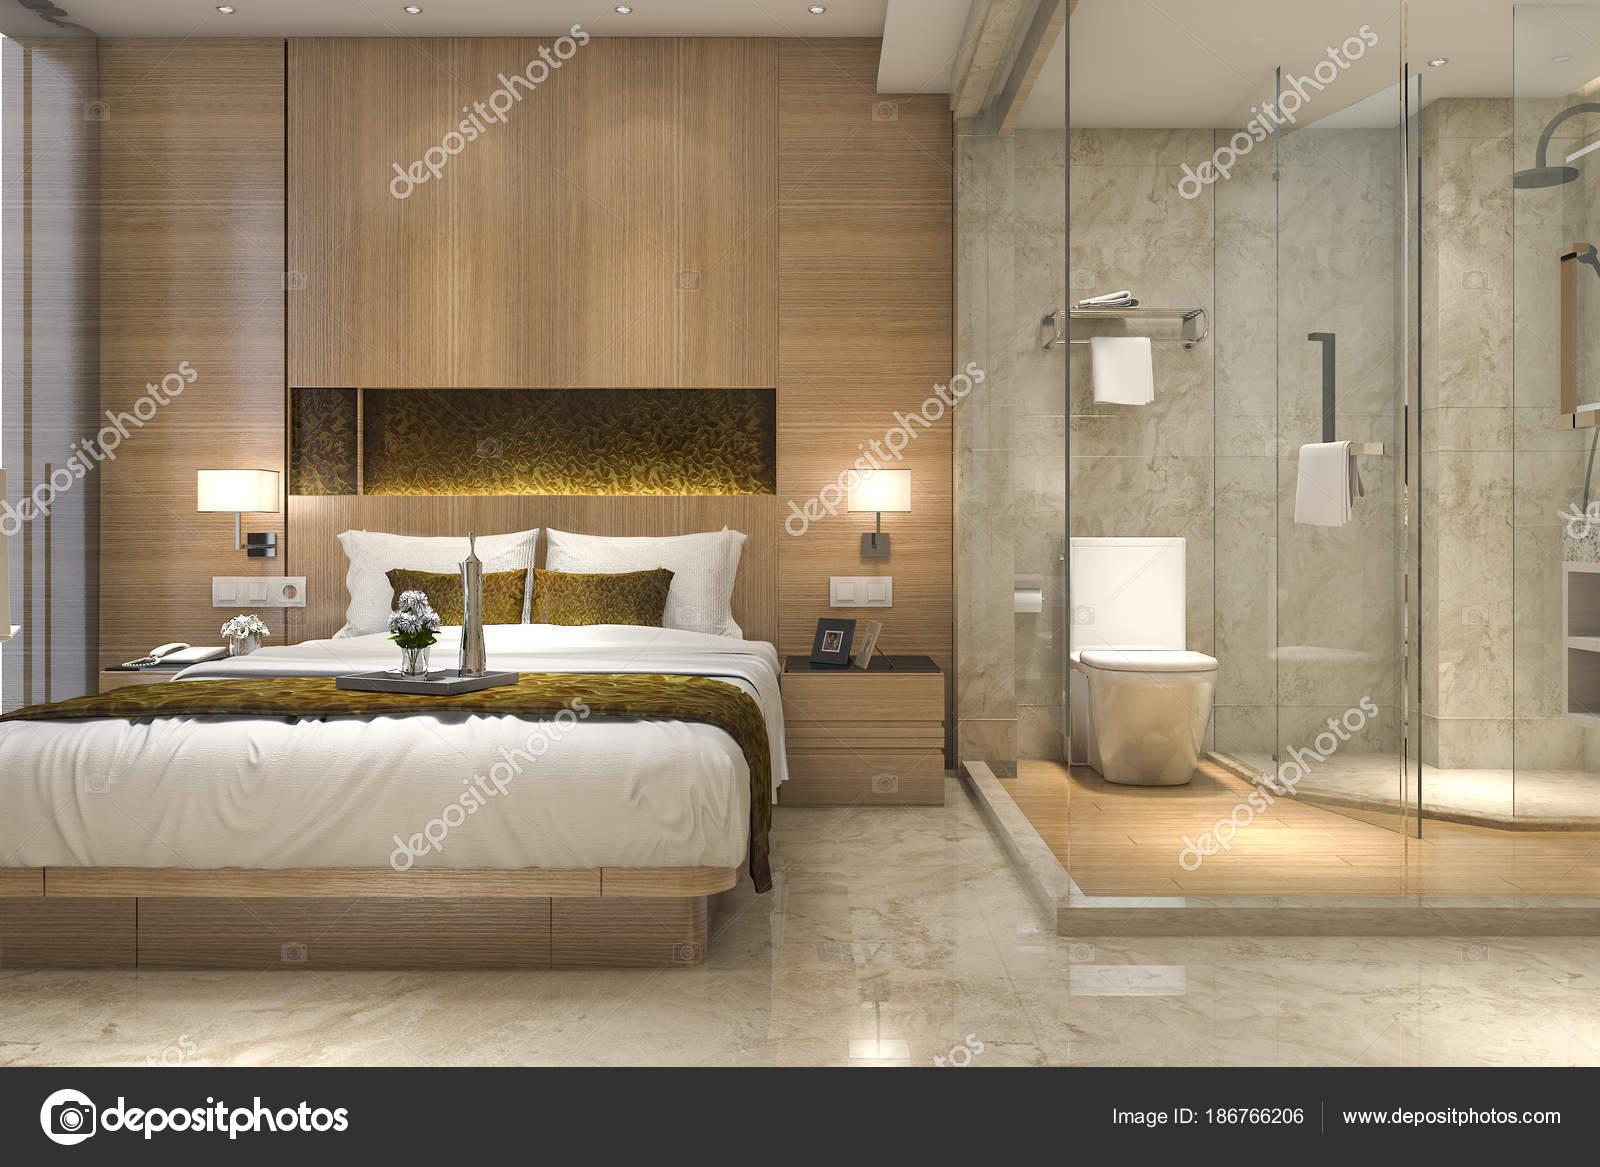 Dormitorios Lujosos Baños Cuarto Baño Suite Dormitorio